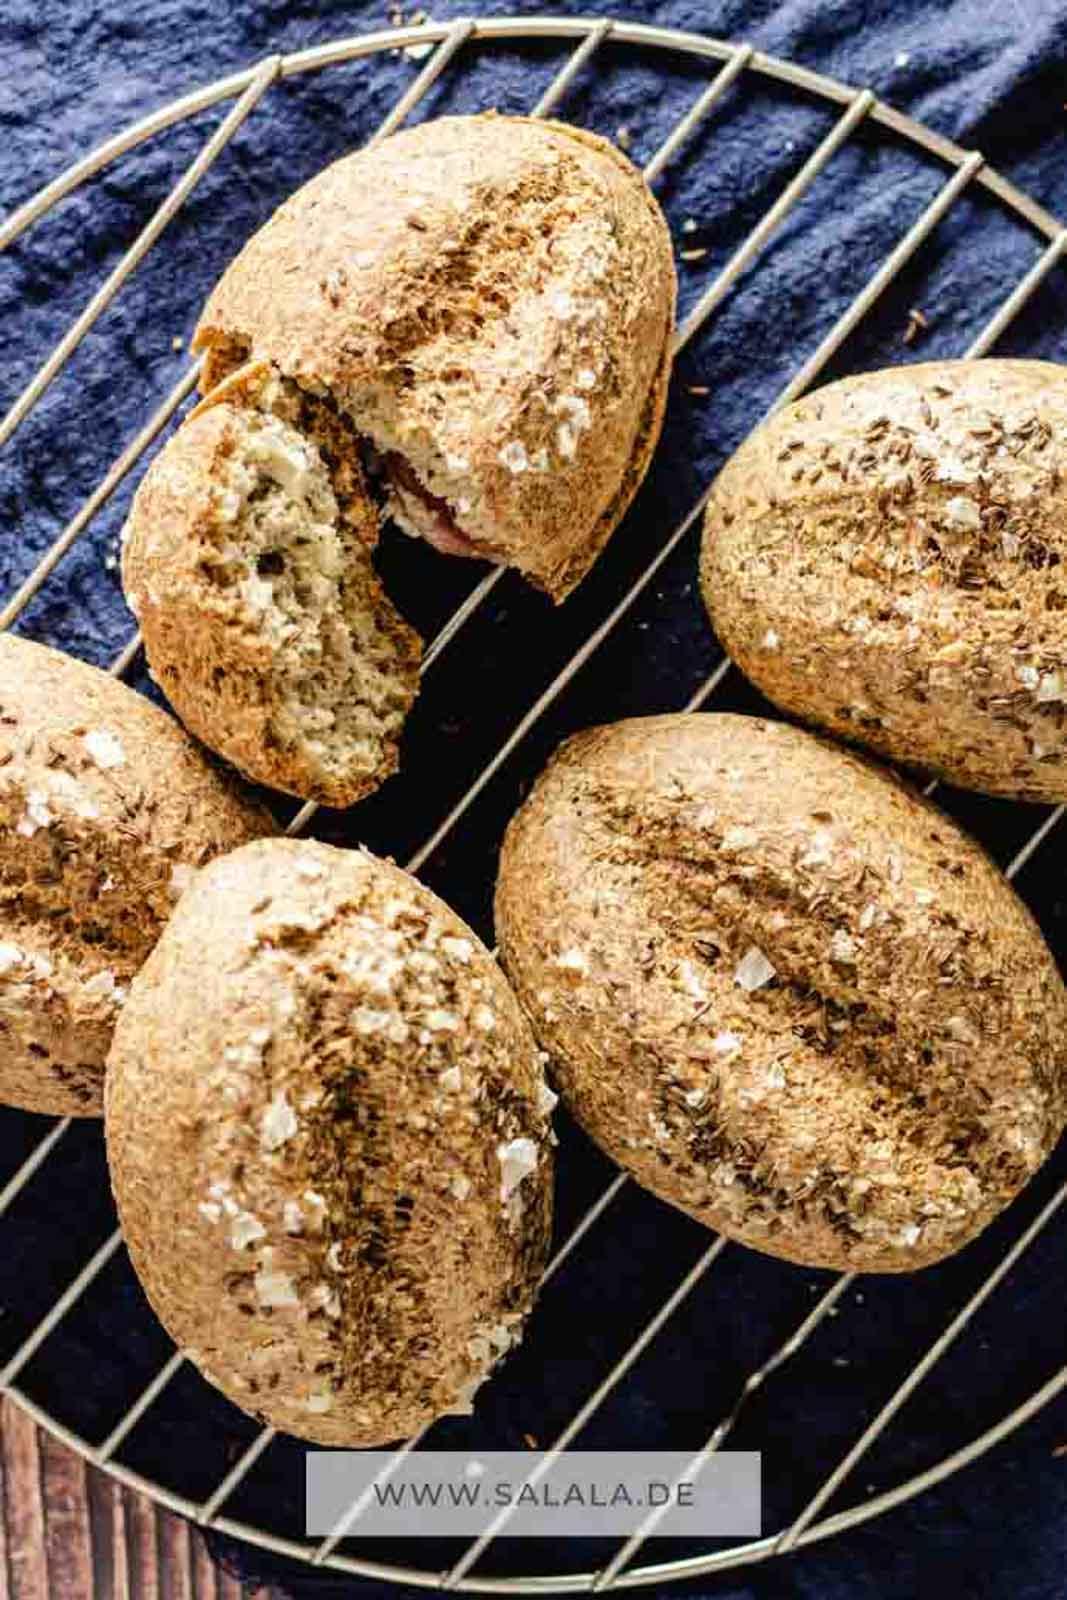 Kipferl oder besser gesagt Schwarzer Kipferl sind eine typische Regensburger Spezialität. Für alle anderen haben wir einfach nur Keto Kümmel Brötchen gemacht. Aber verdammt leckere. Falls du glutenfreie Brötchen suchst, dann probier dieses Rezept aus. #ketobroetchen #ketosemmeln #kuemmelbroetchen #glutenfreiebroetchen #broetchenselberbacken #broetchenohnemehl